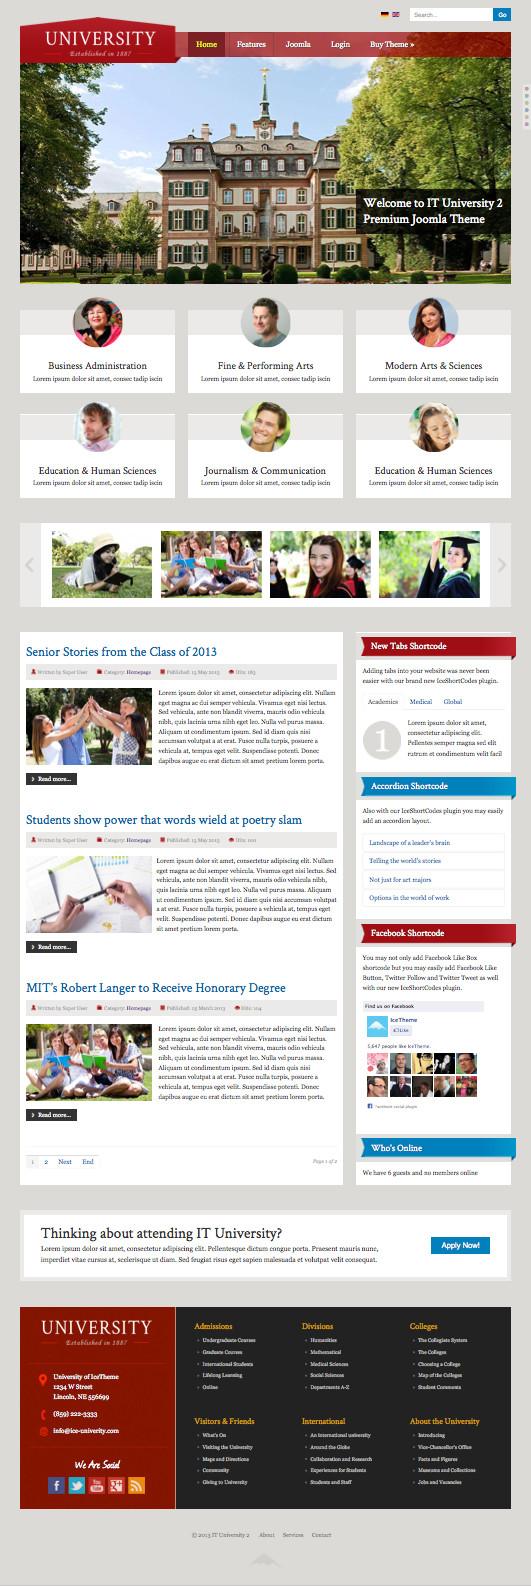 IT University 2 Joomla School Activities Template